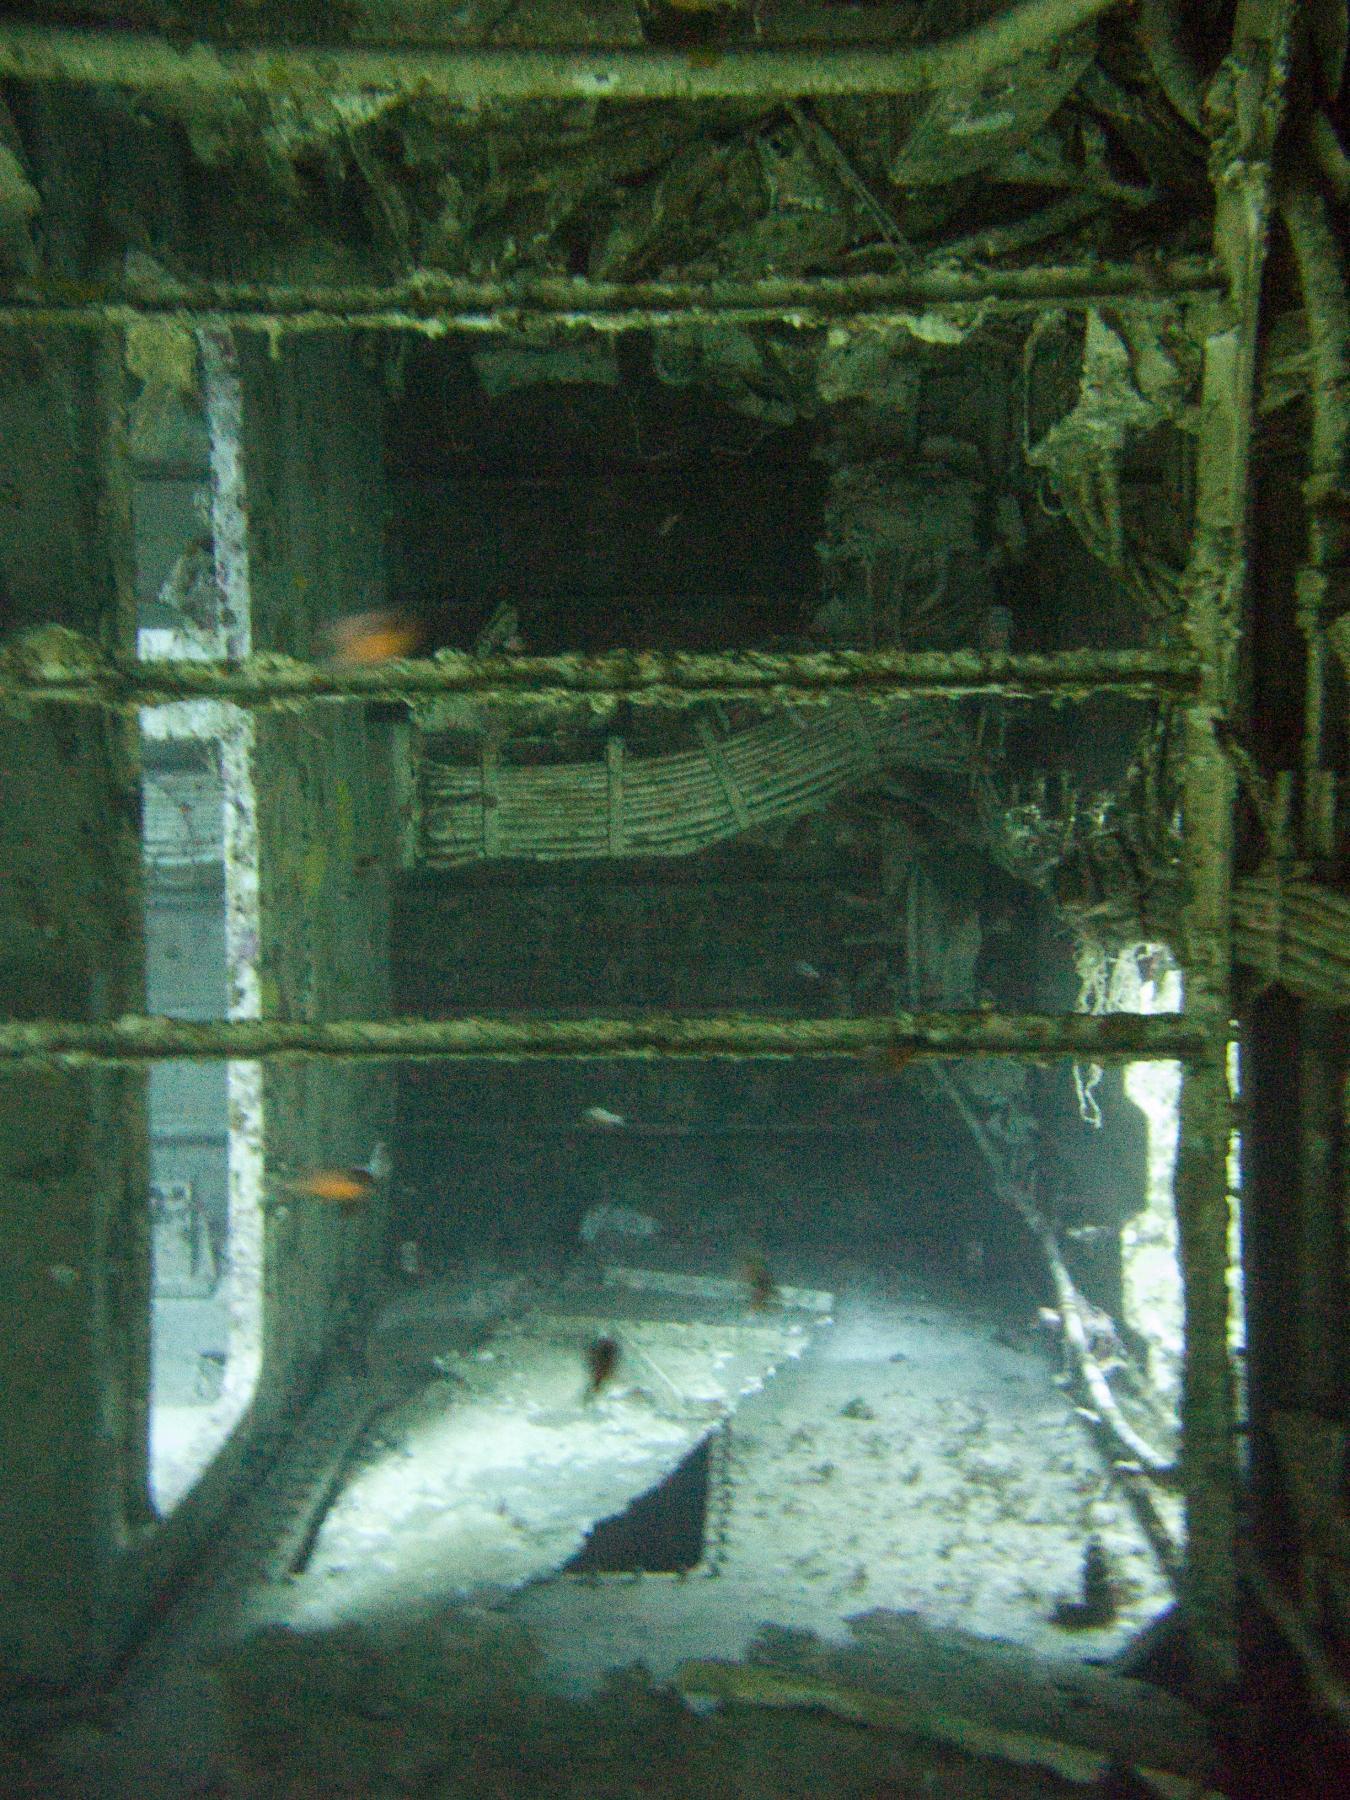 Inside P31